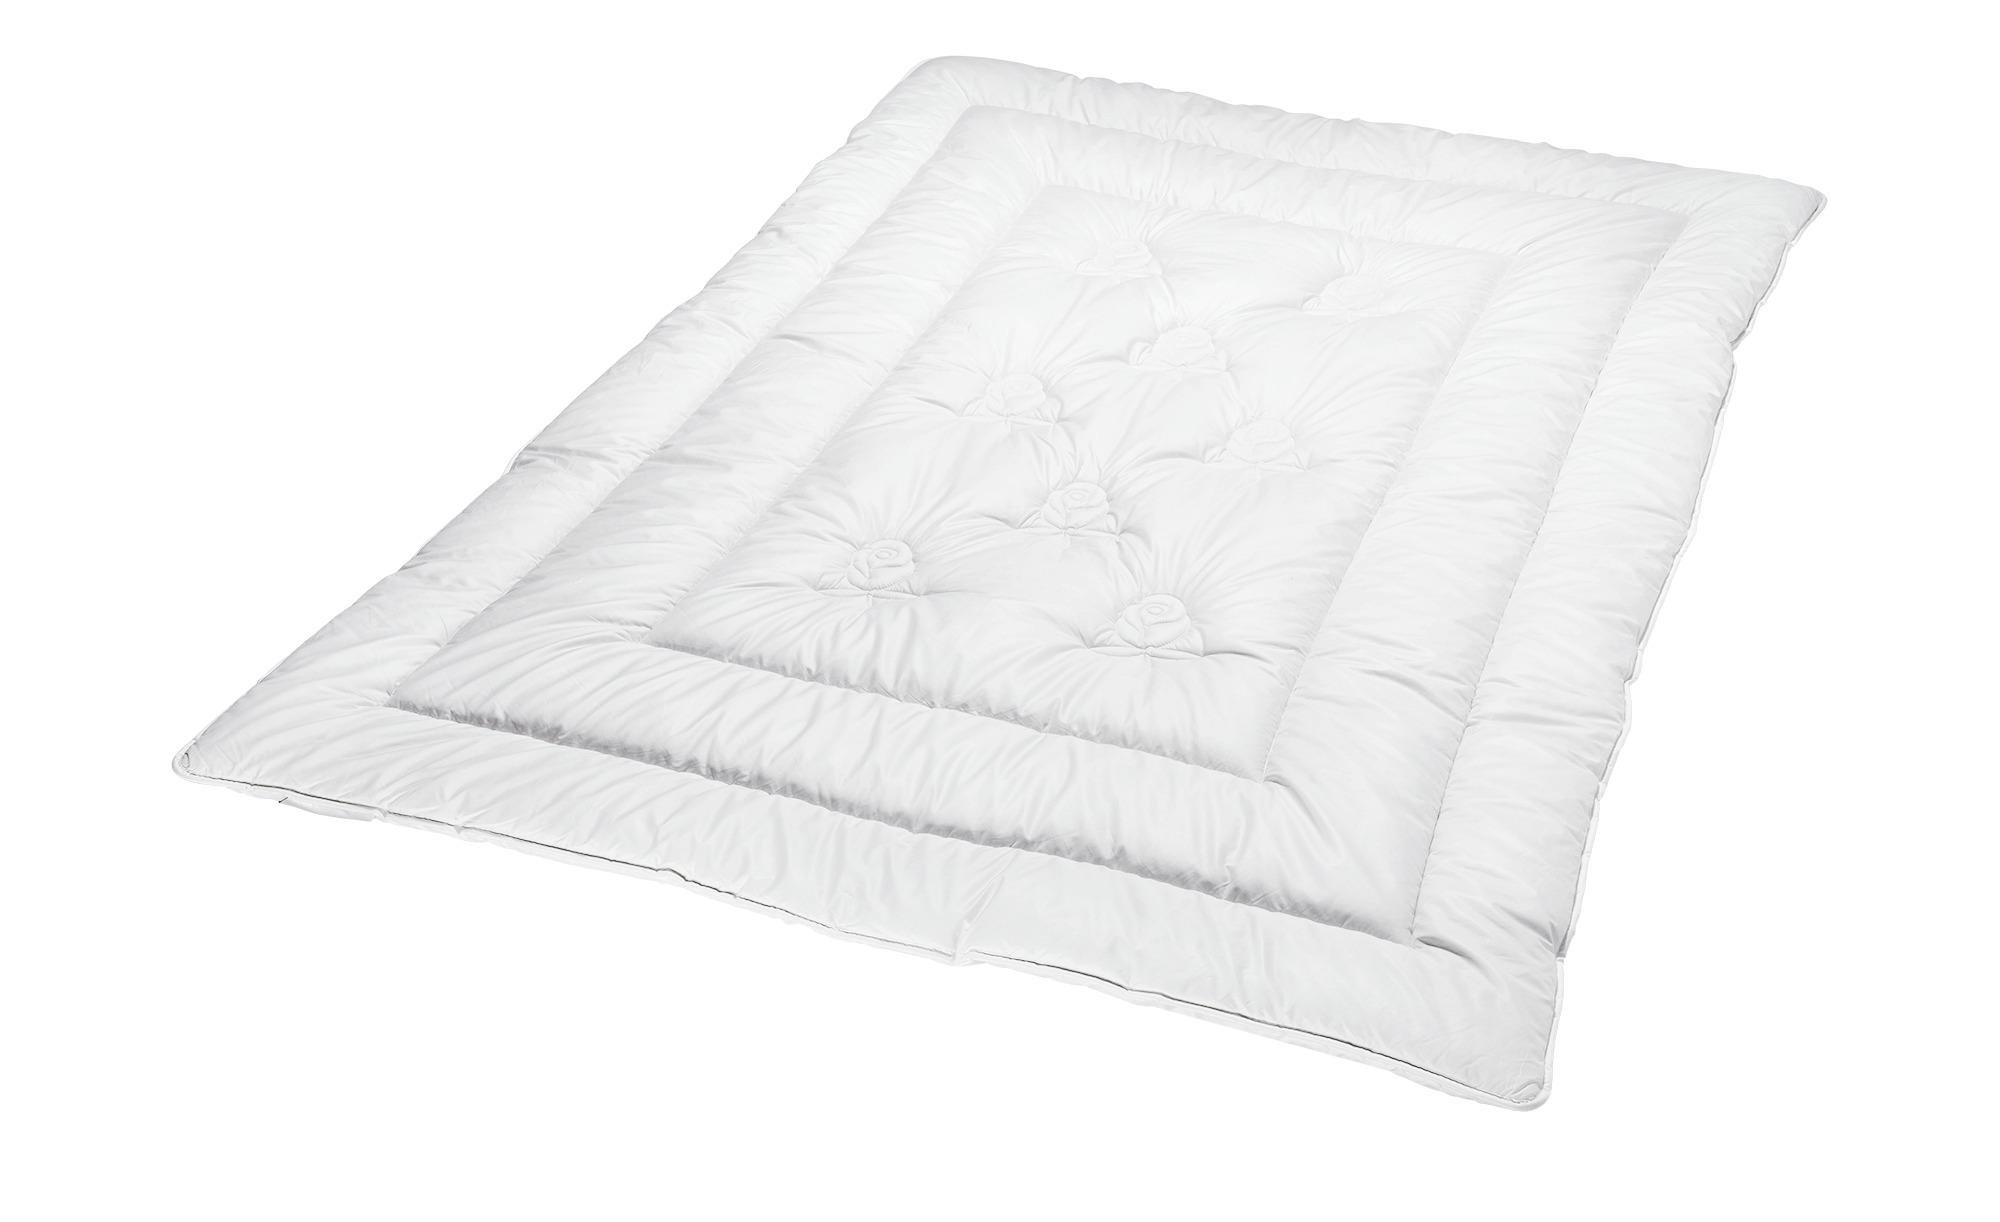 Schlafmond Duo-Steppbett  Dornröschen ¦ creme ¦ Maße (cm): B: 200 Bettwaren > Bettdecken > Bettdecken in Übergrößen - Höffner